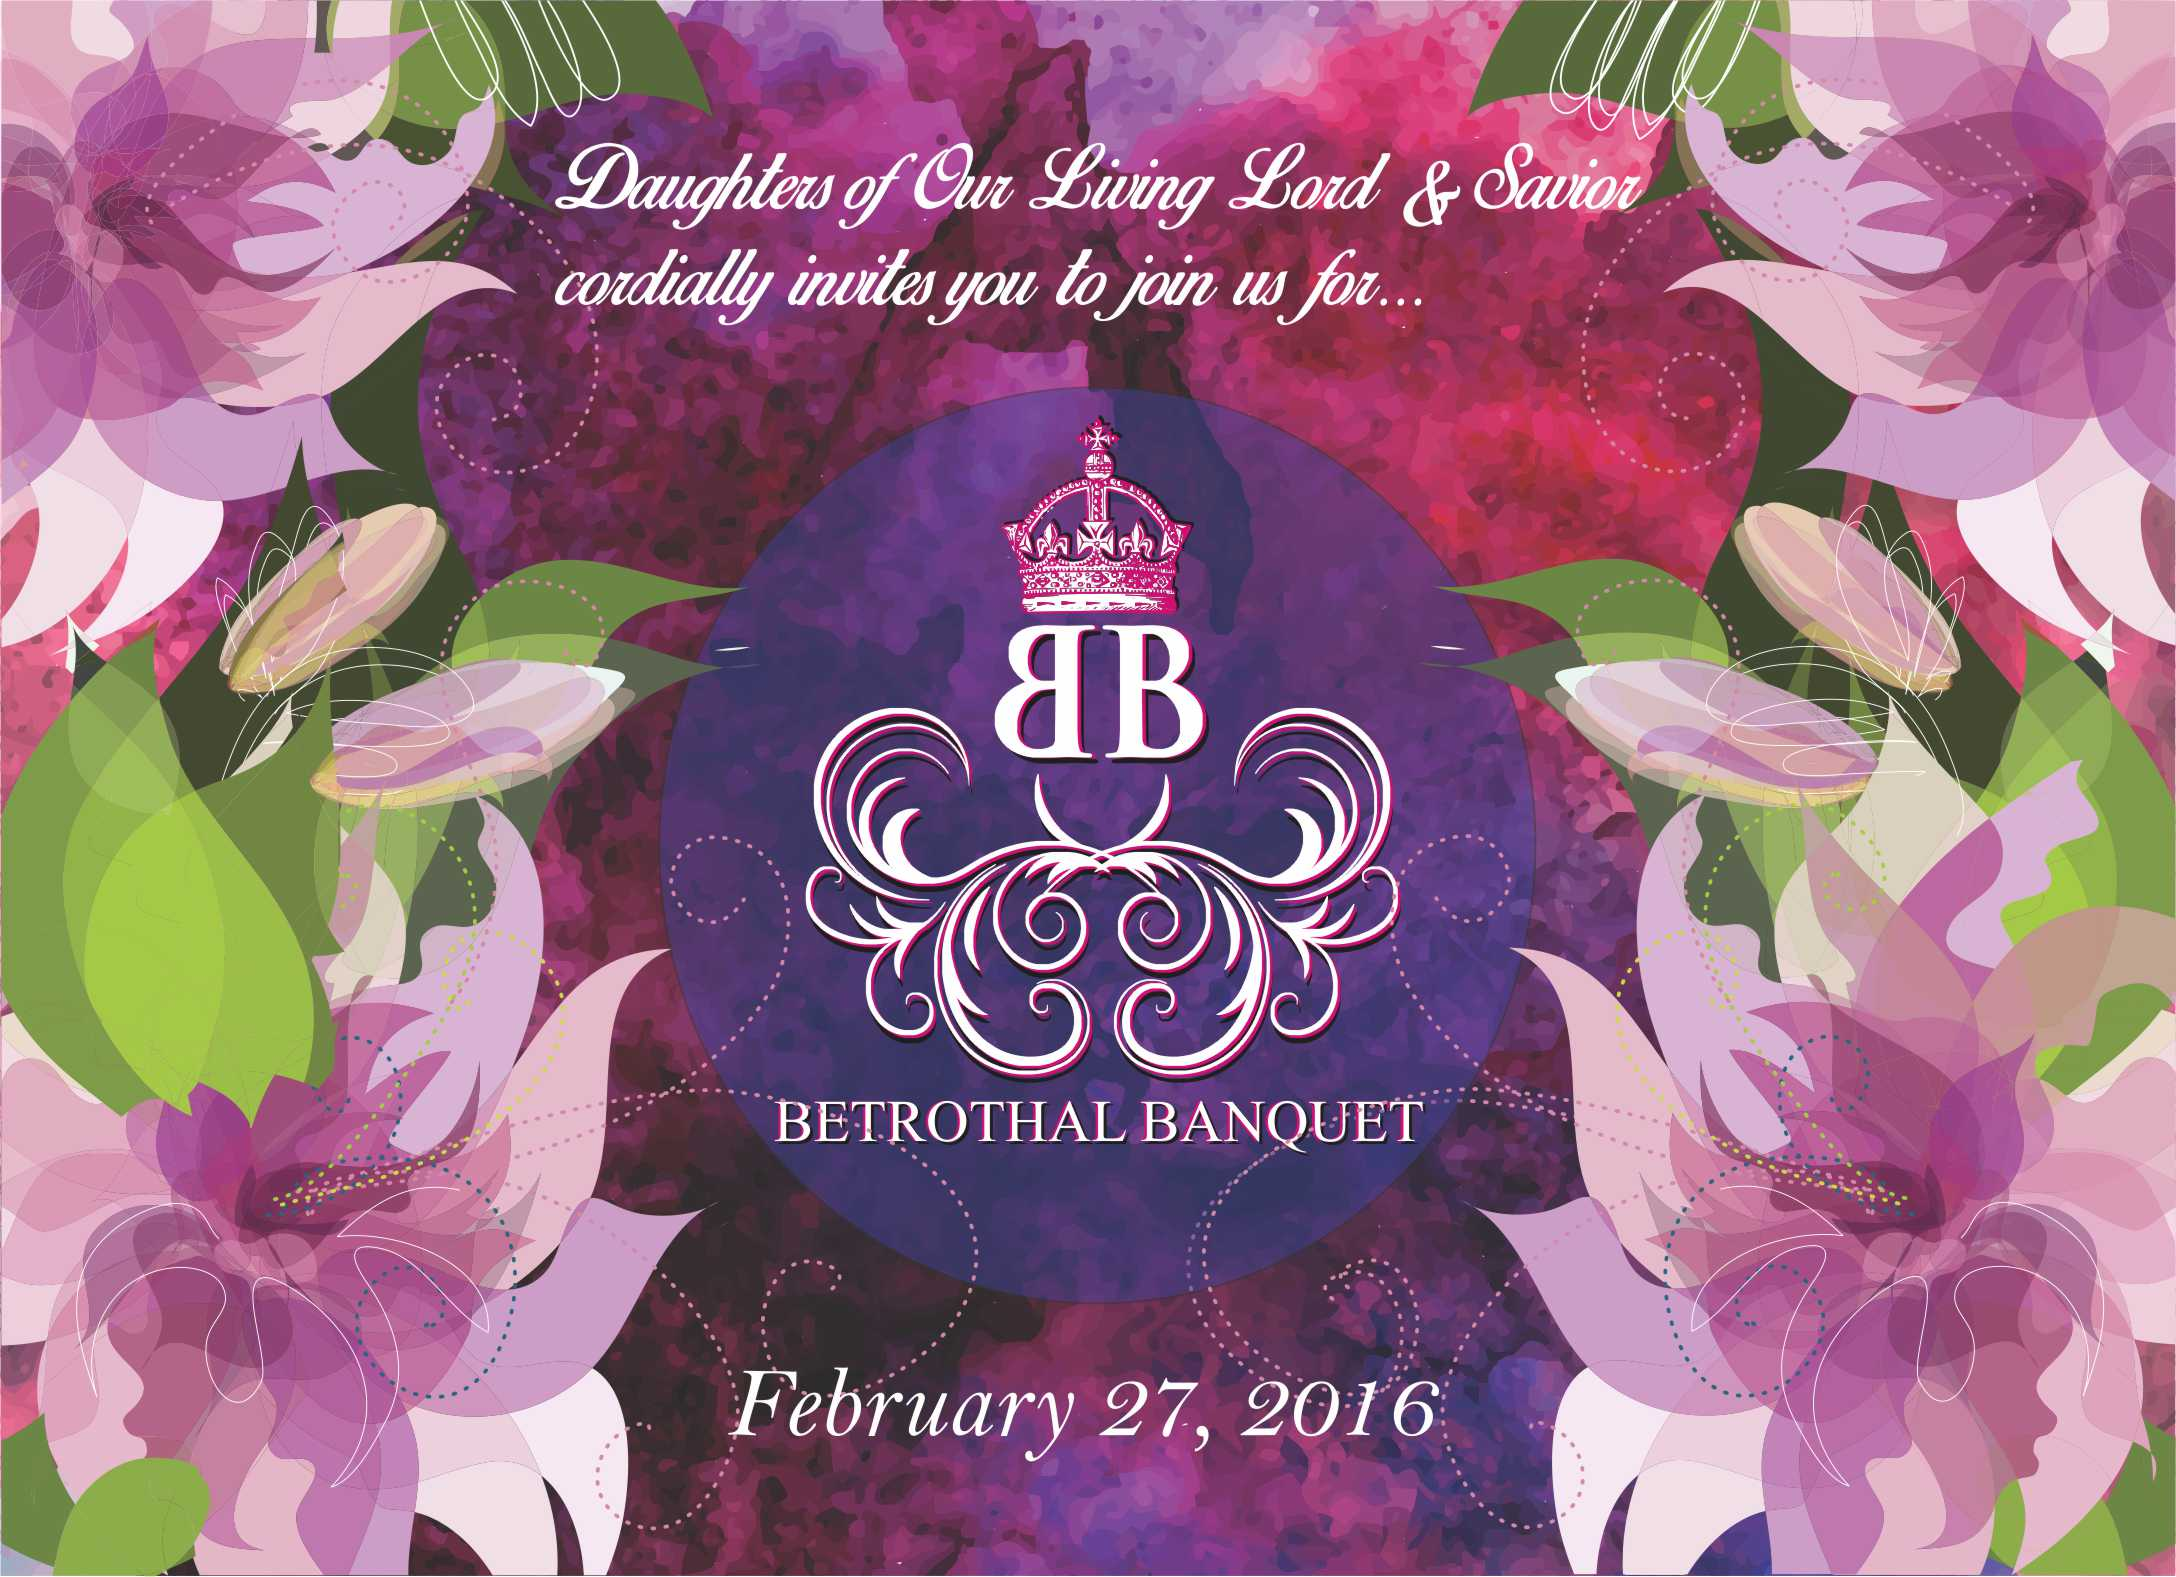 Betrothal Banquet